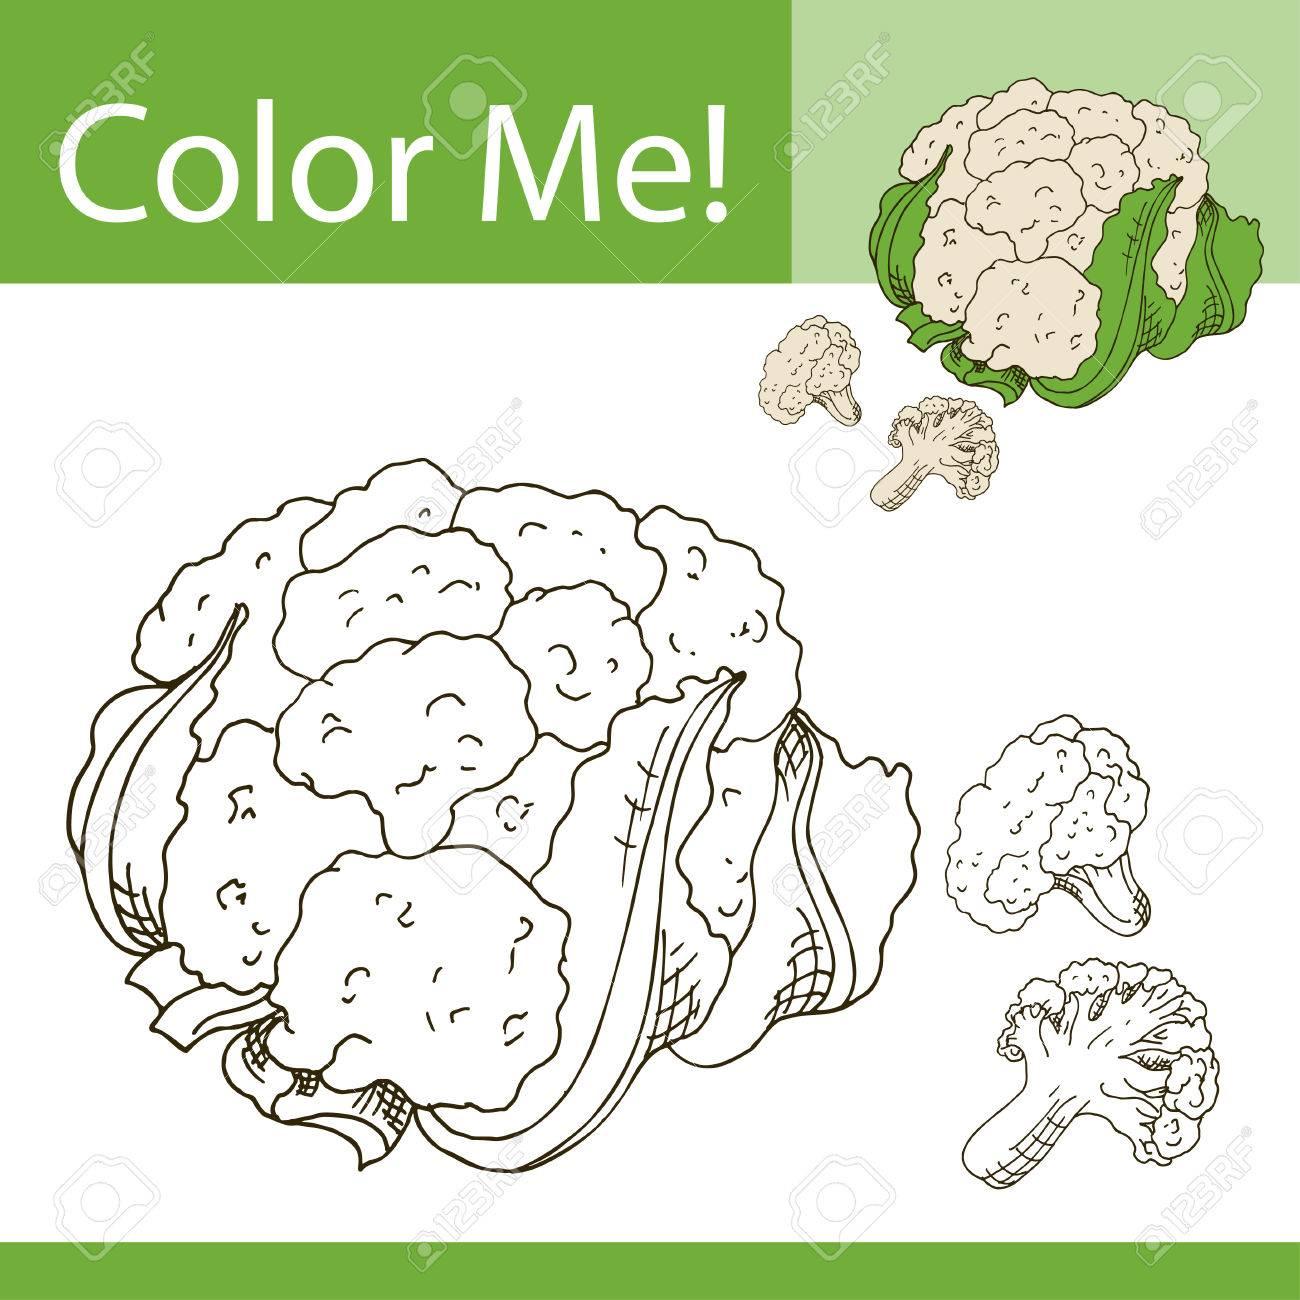 Educación Para Colorear La Página Con Vegetales. Dibujado A Mano ...